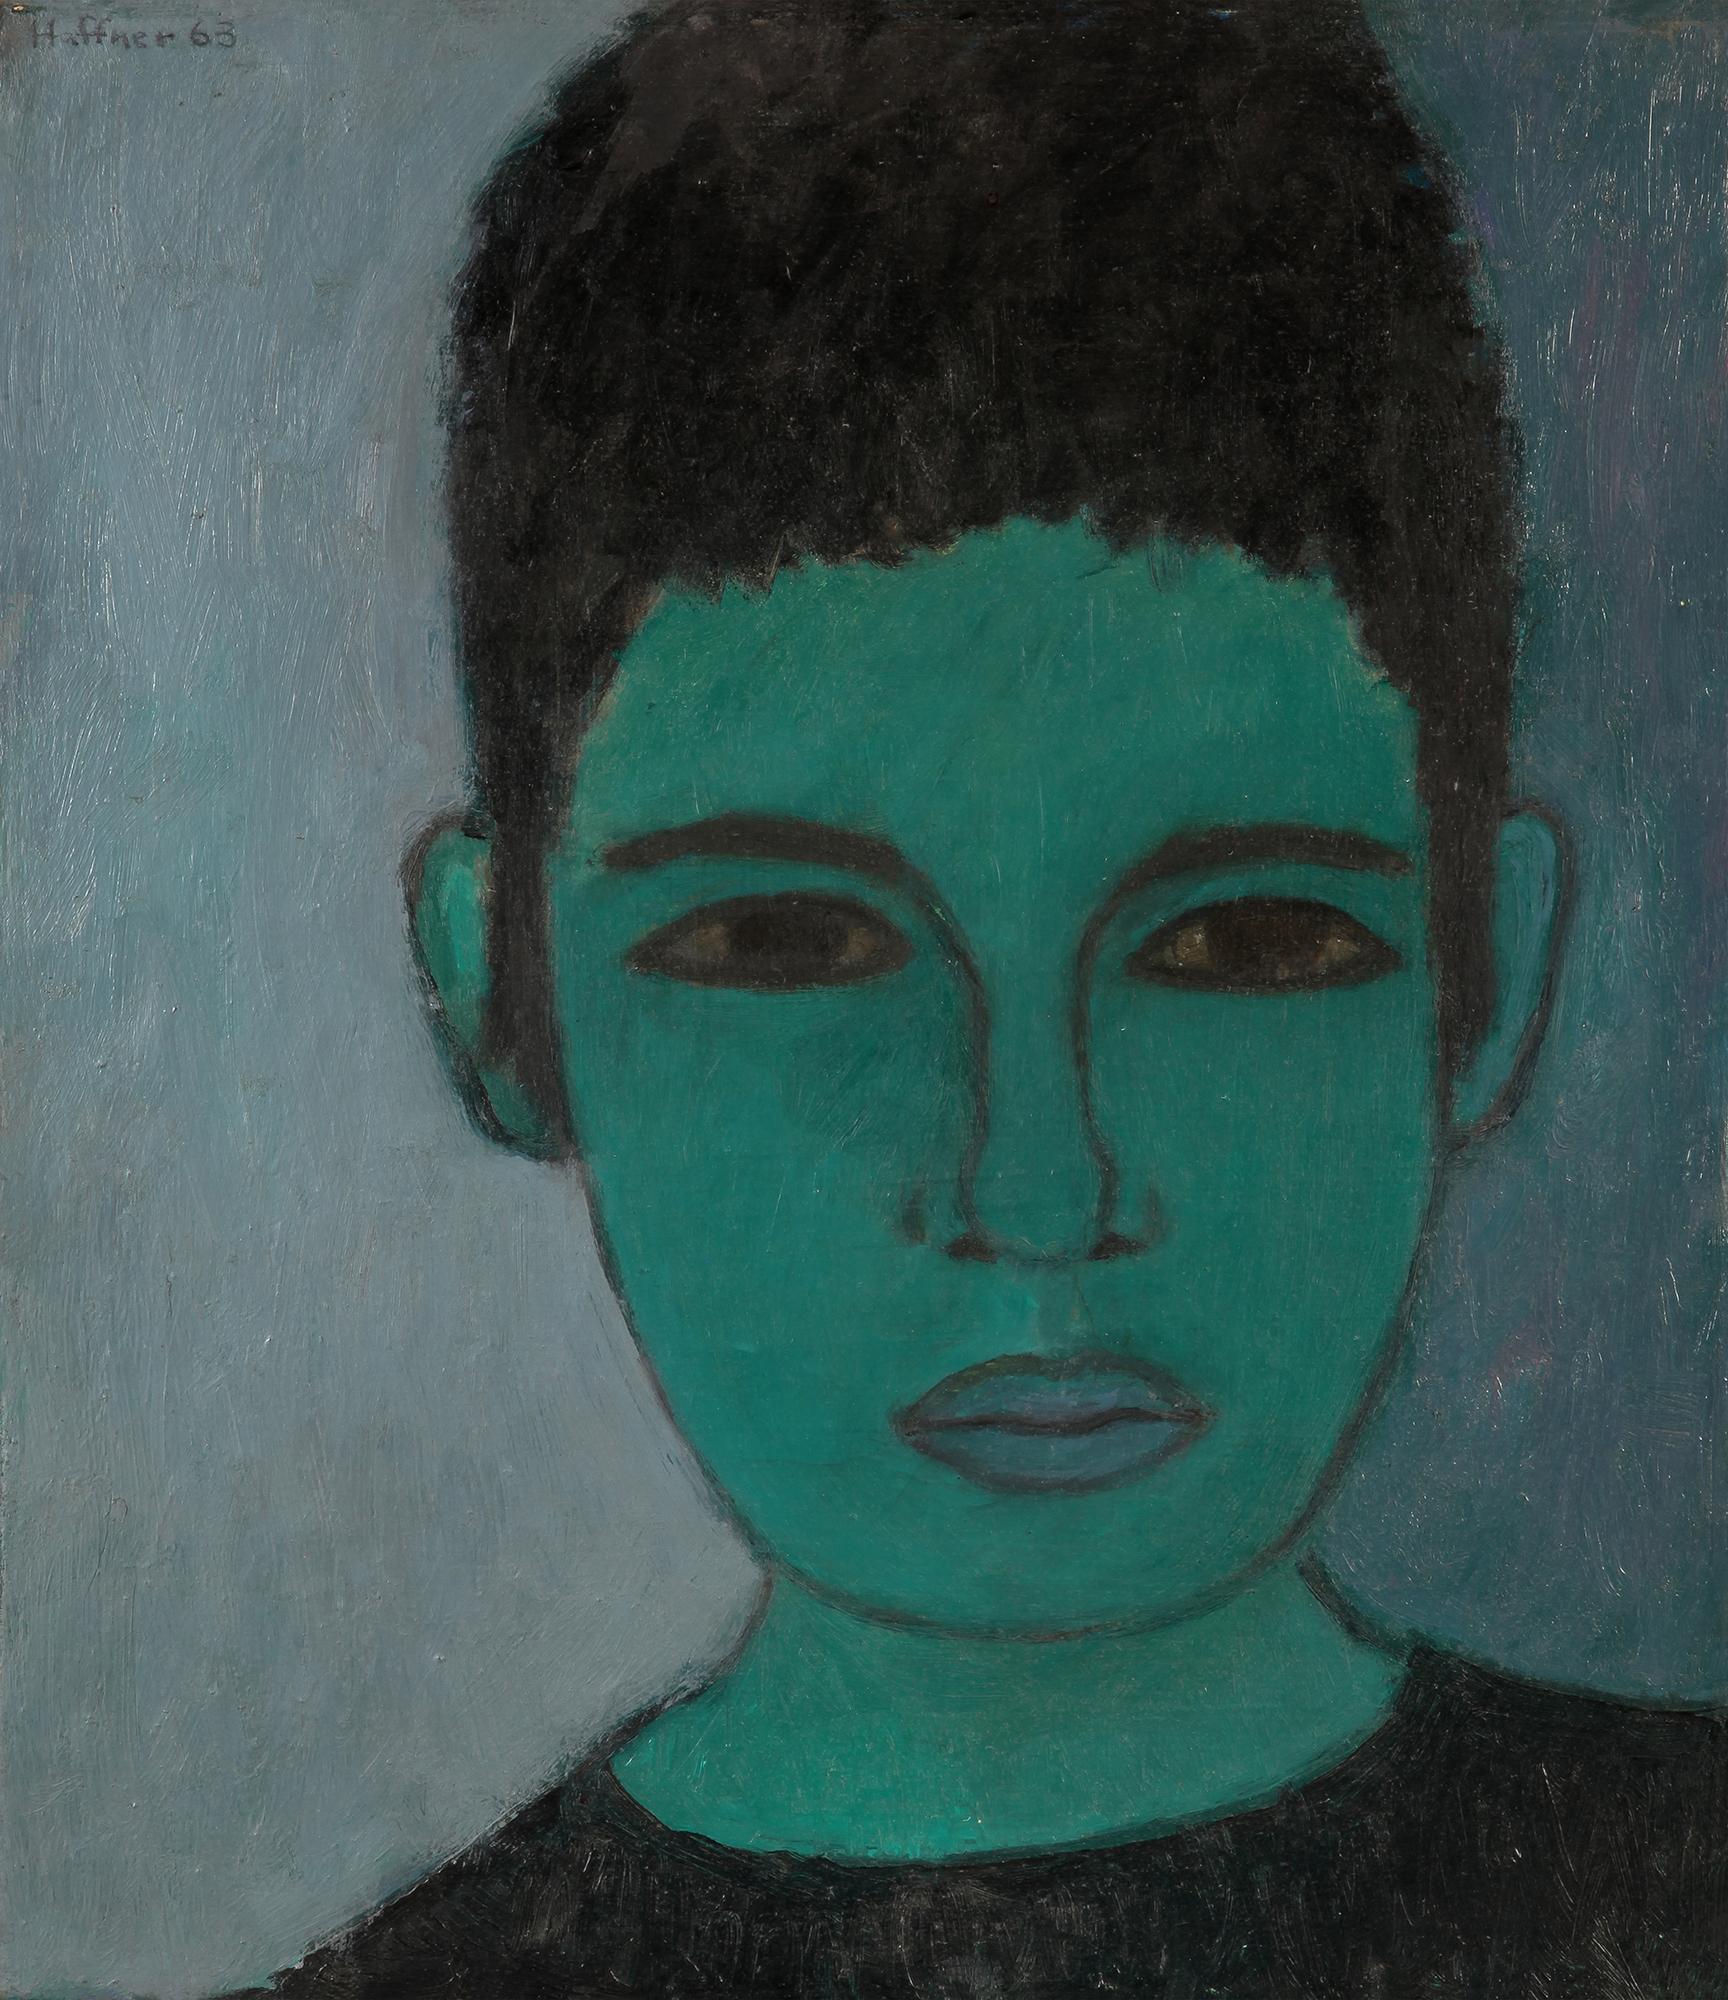 Sarah Haffner - Selbstbildnis, 1963, Öl auf Leinwand, 50 x 39 cm